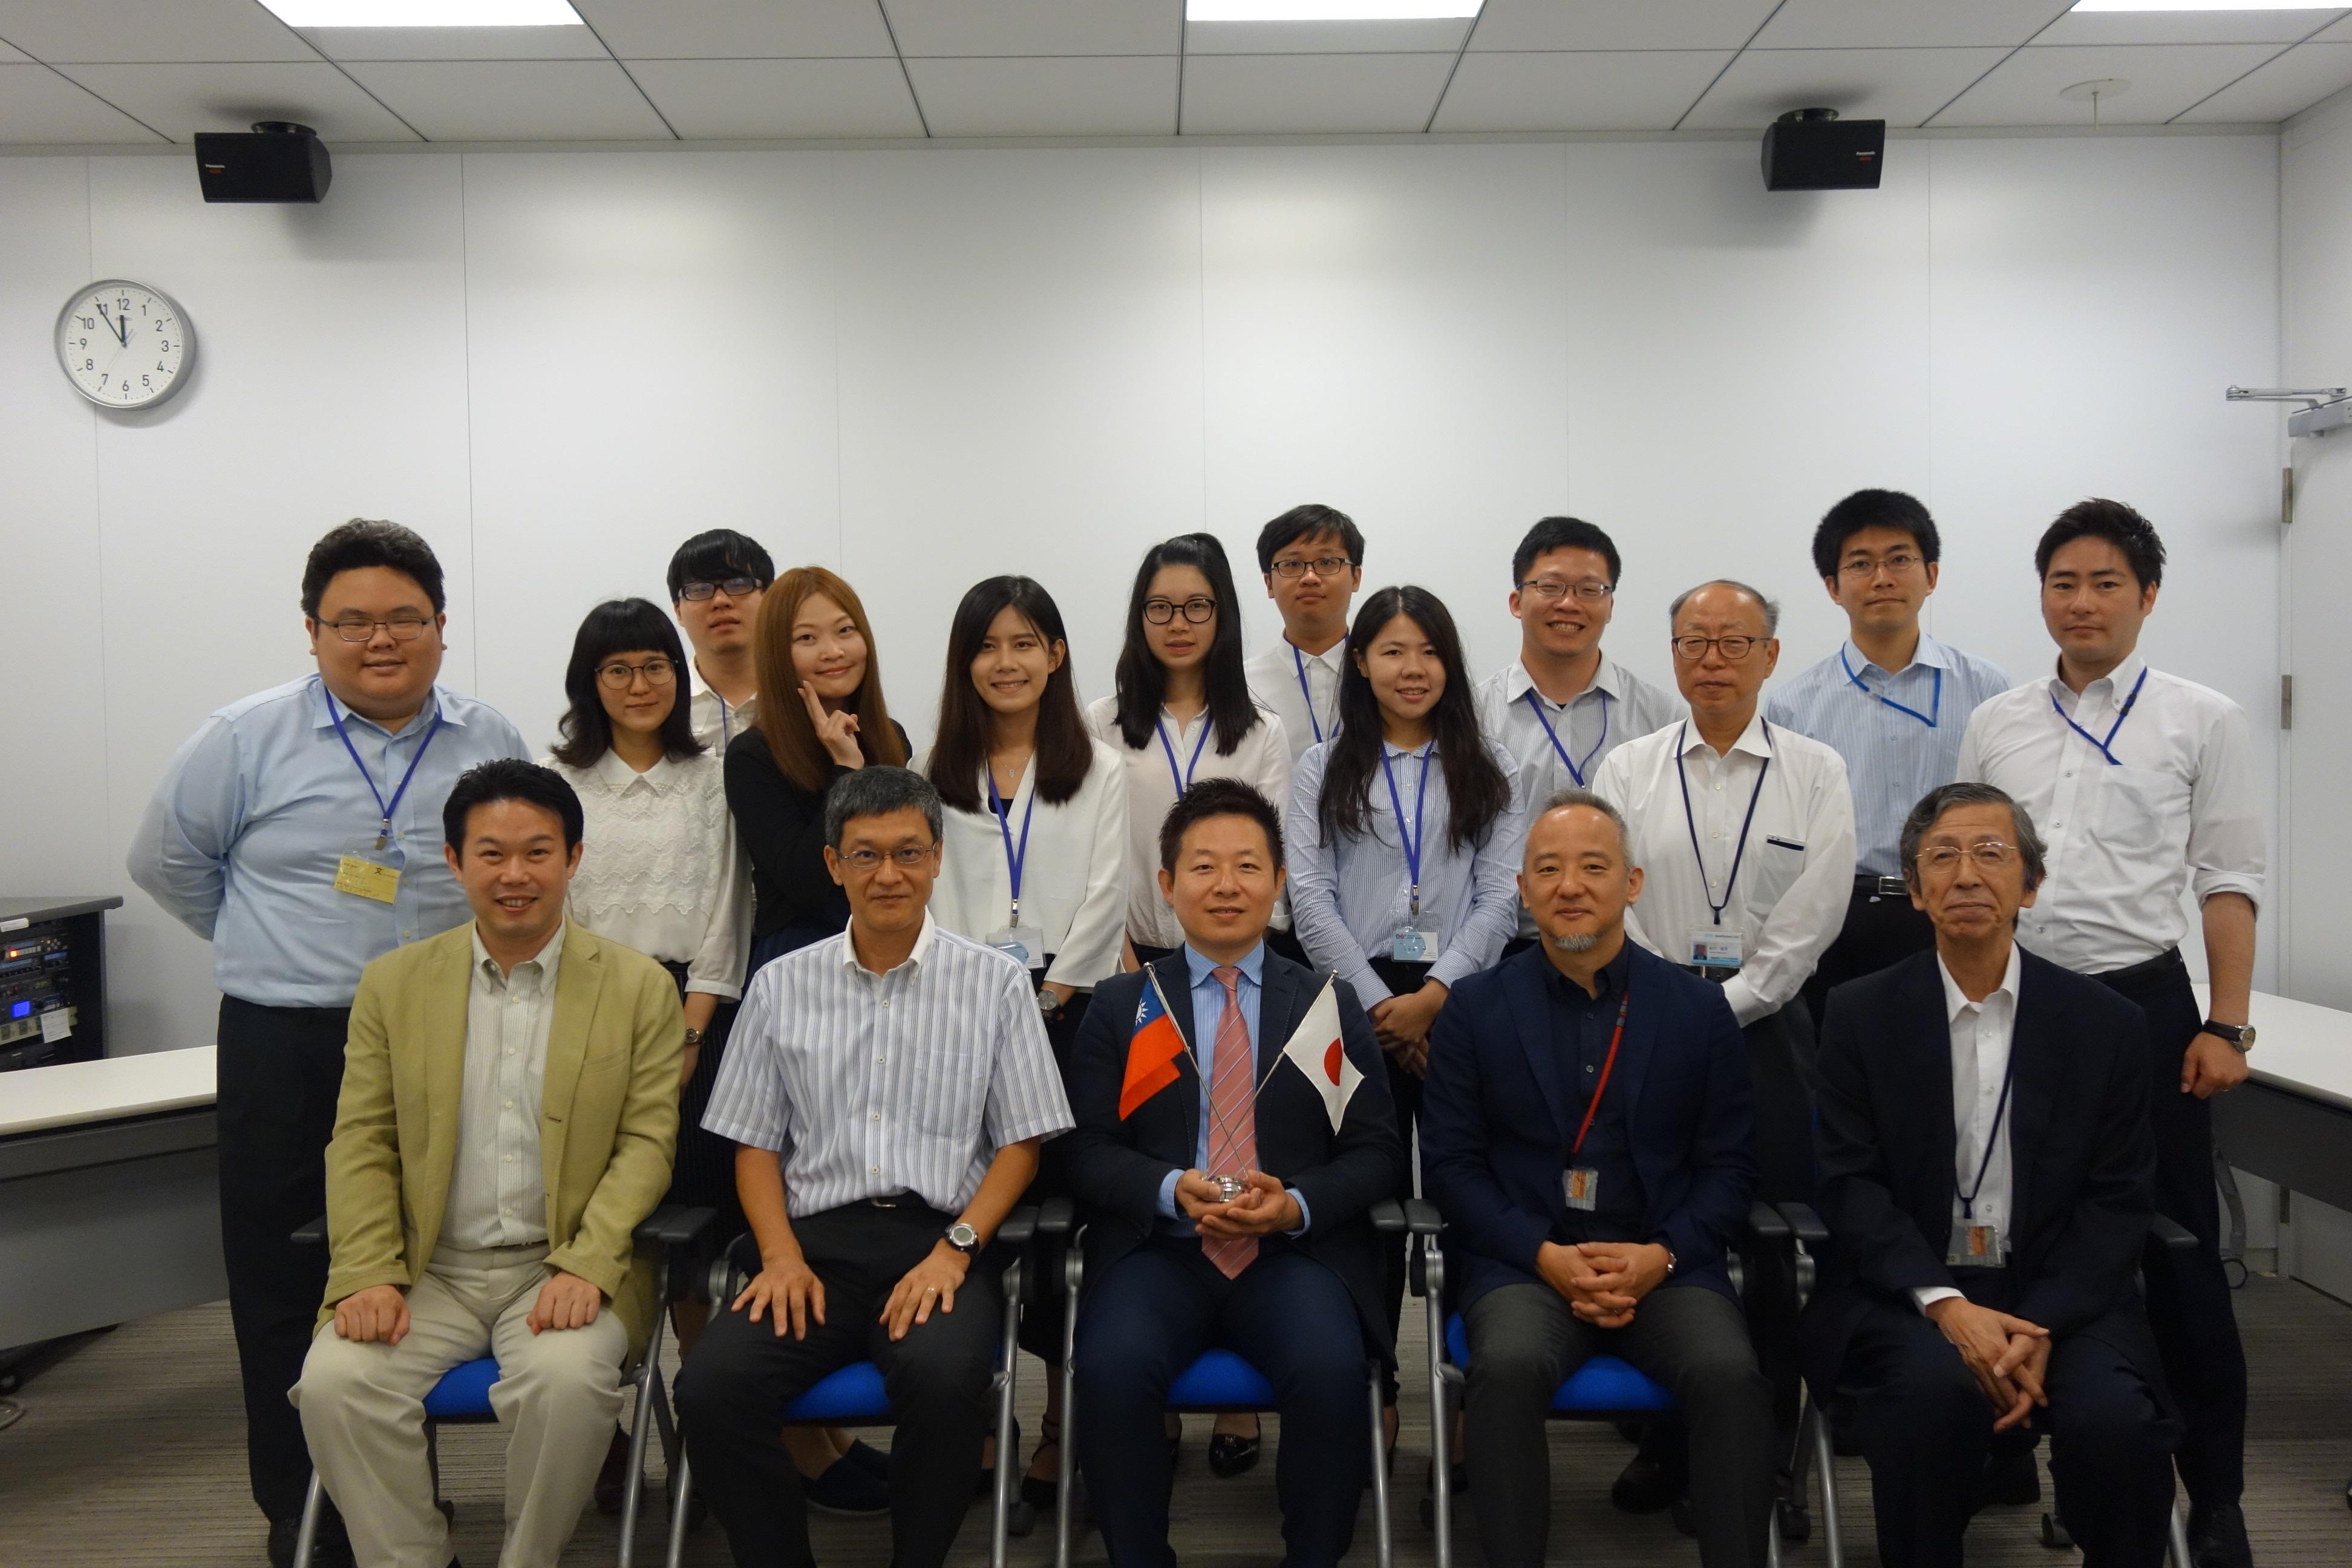 台湾國立政治大学からの訪問受け入れ